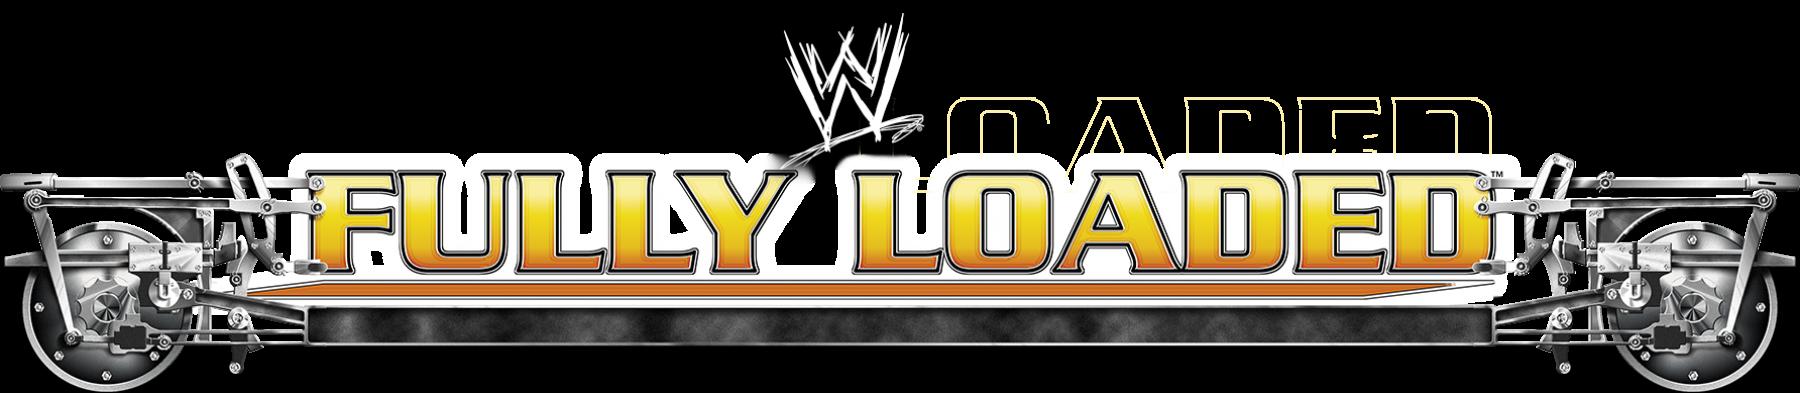 WWE Fully Loaded